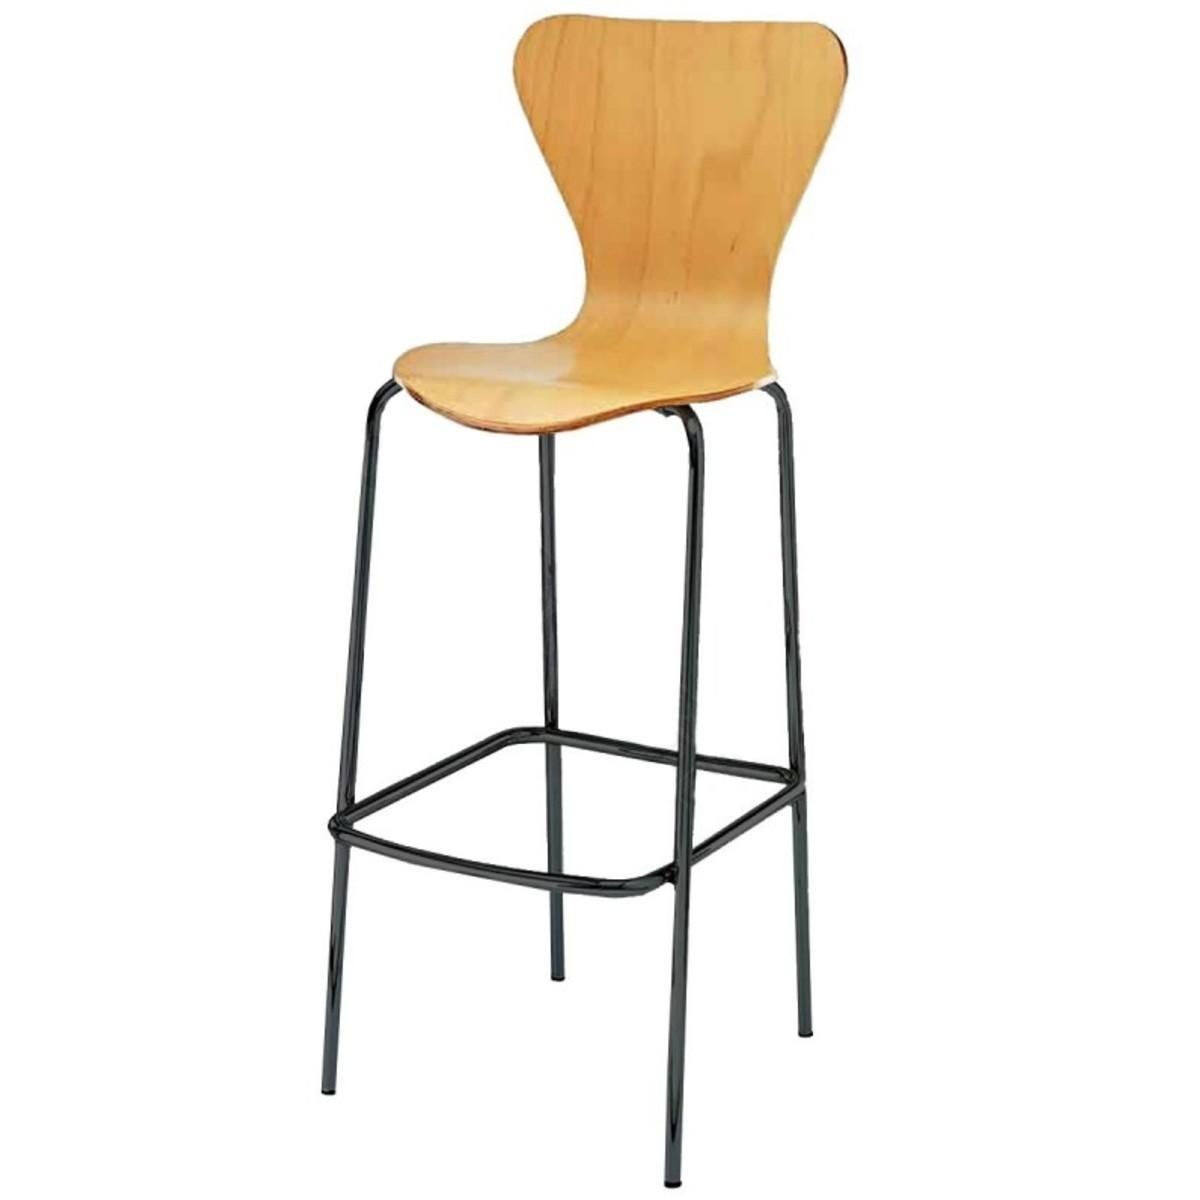 Taburete alto bar aluminio con respaldo y asiento en madera alfafar - Asientos para taburetes ...